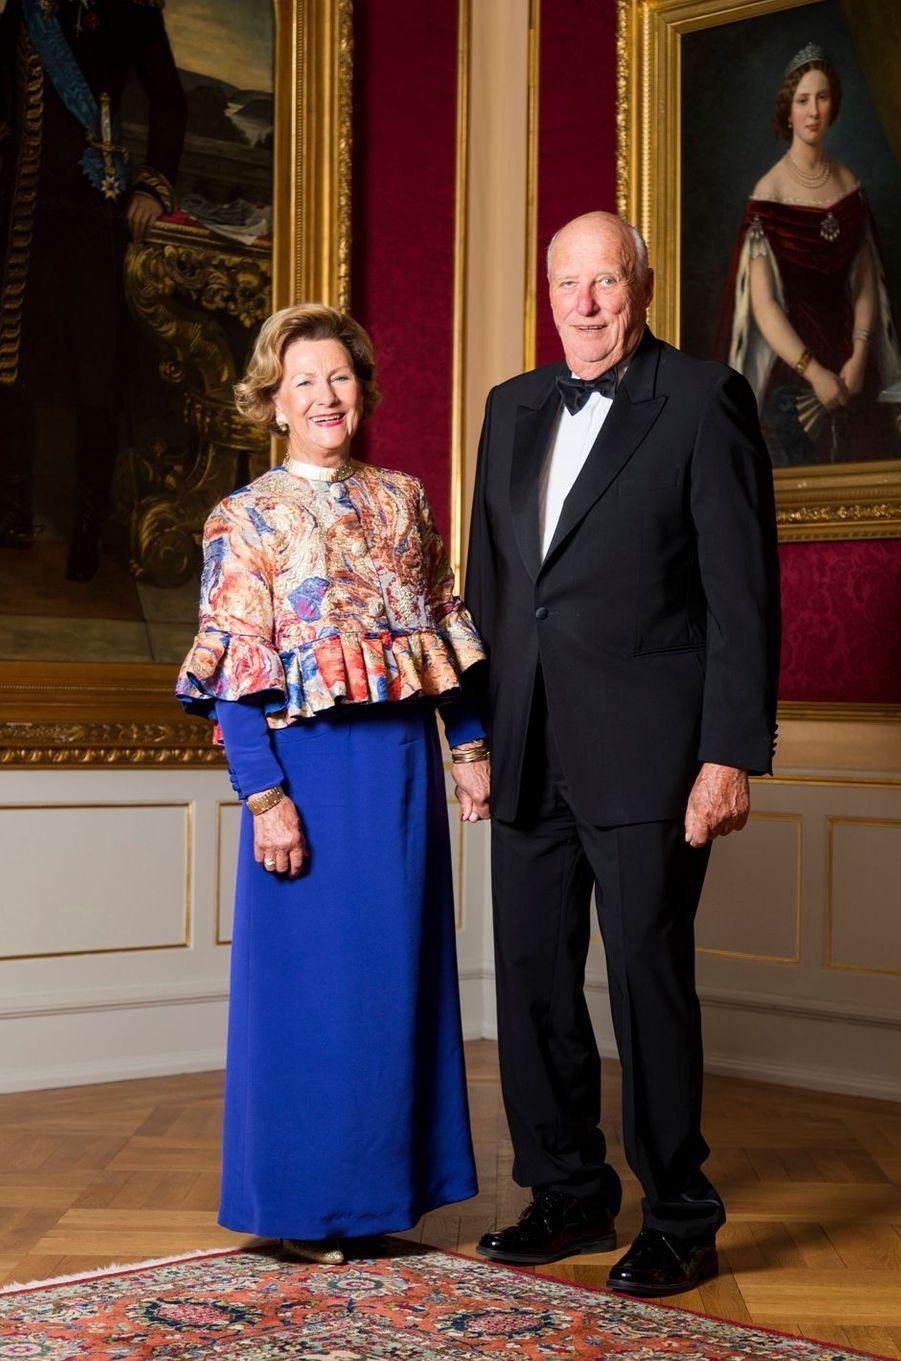 La reine Sonja et le roi Harald V de Norvège au Palais royal à Oslo, le 29 août 2018